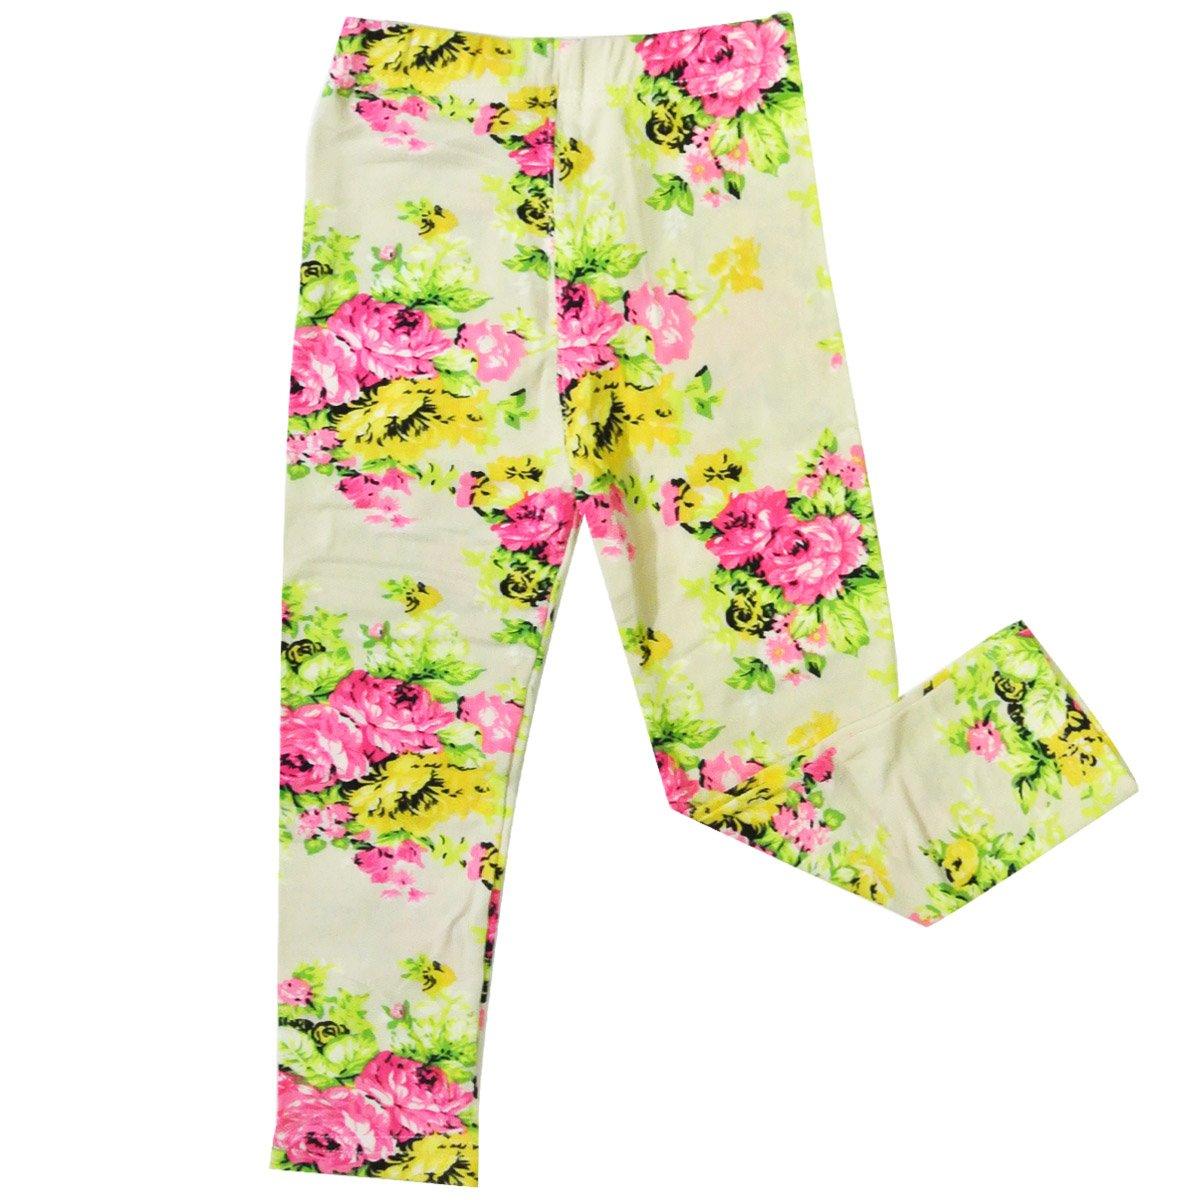 Bowbear Girls Blooming Floral Print Leggings Beige